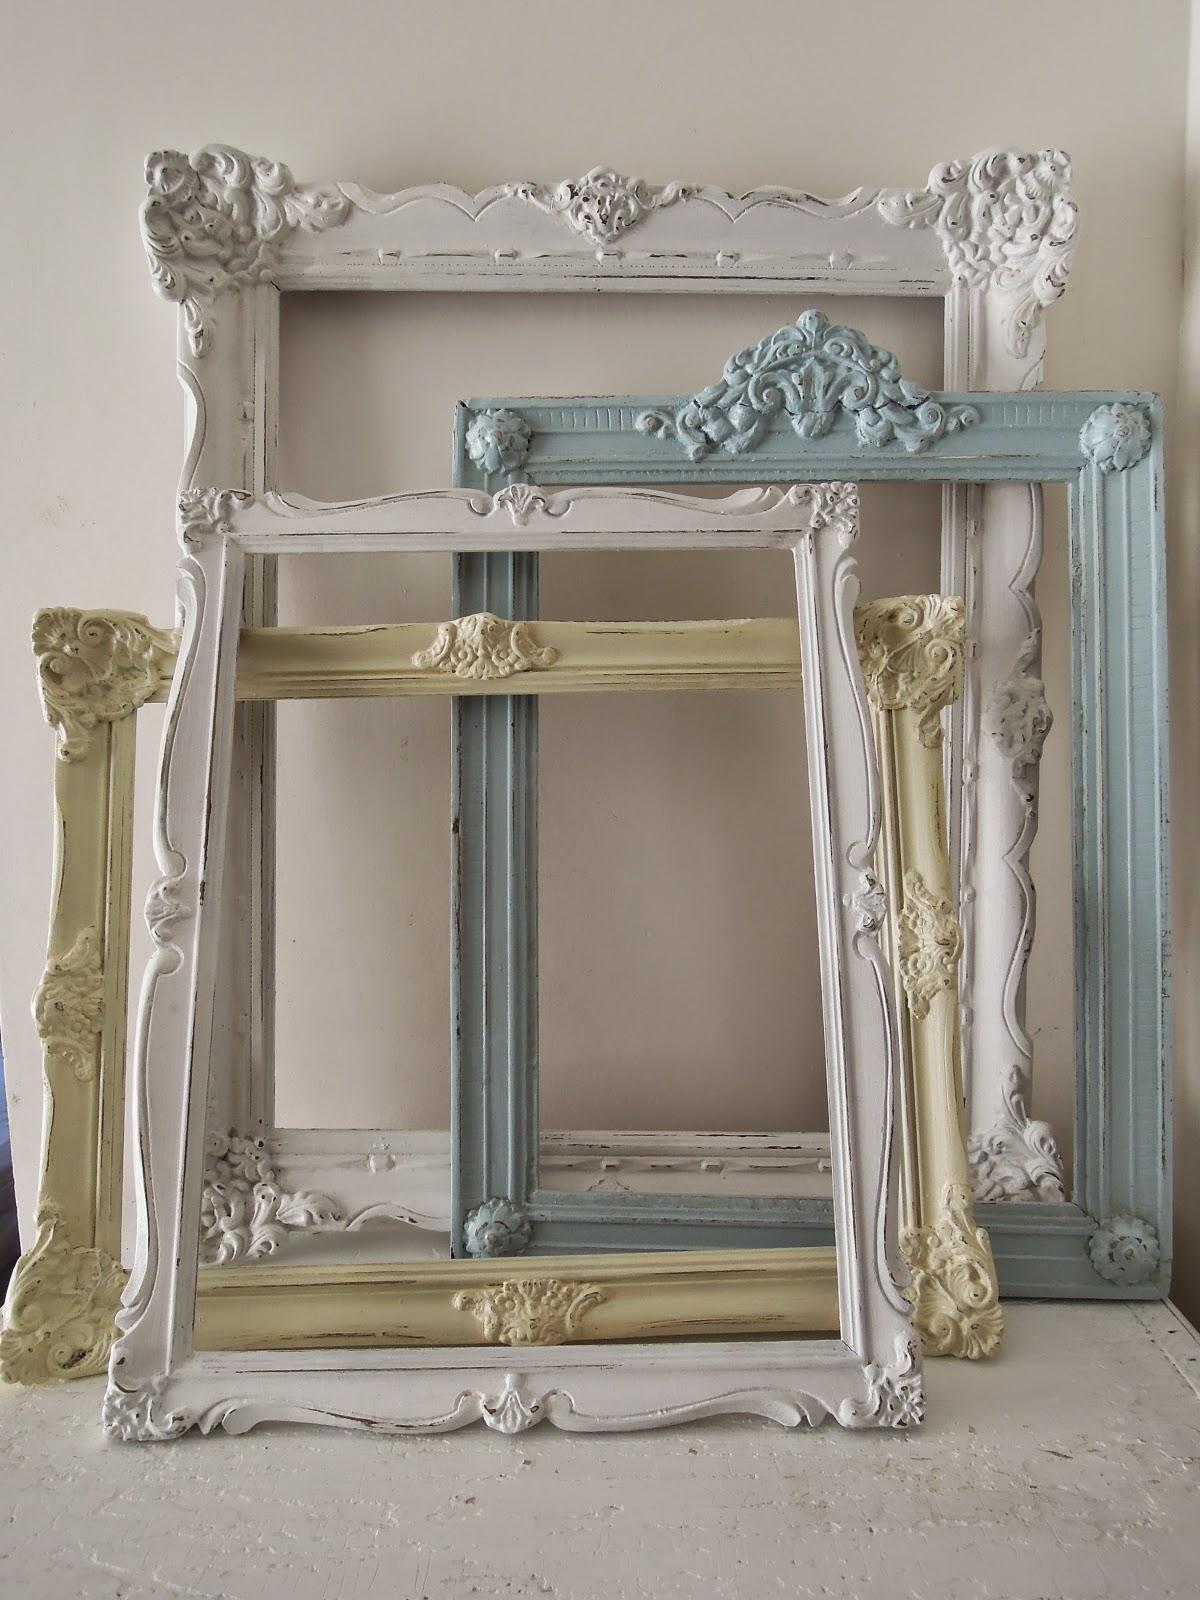 Mc vintage tienda mas marcos antiguos for Molduras para espejos online